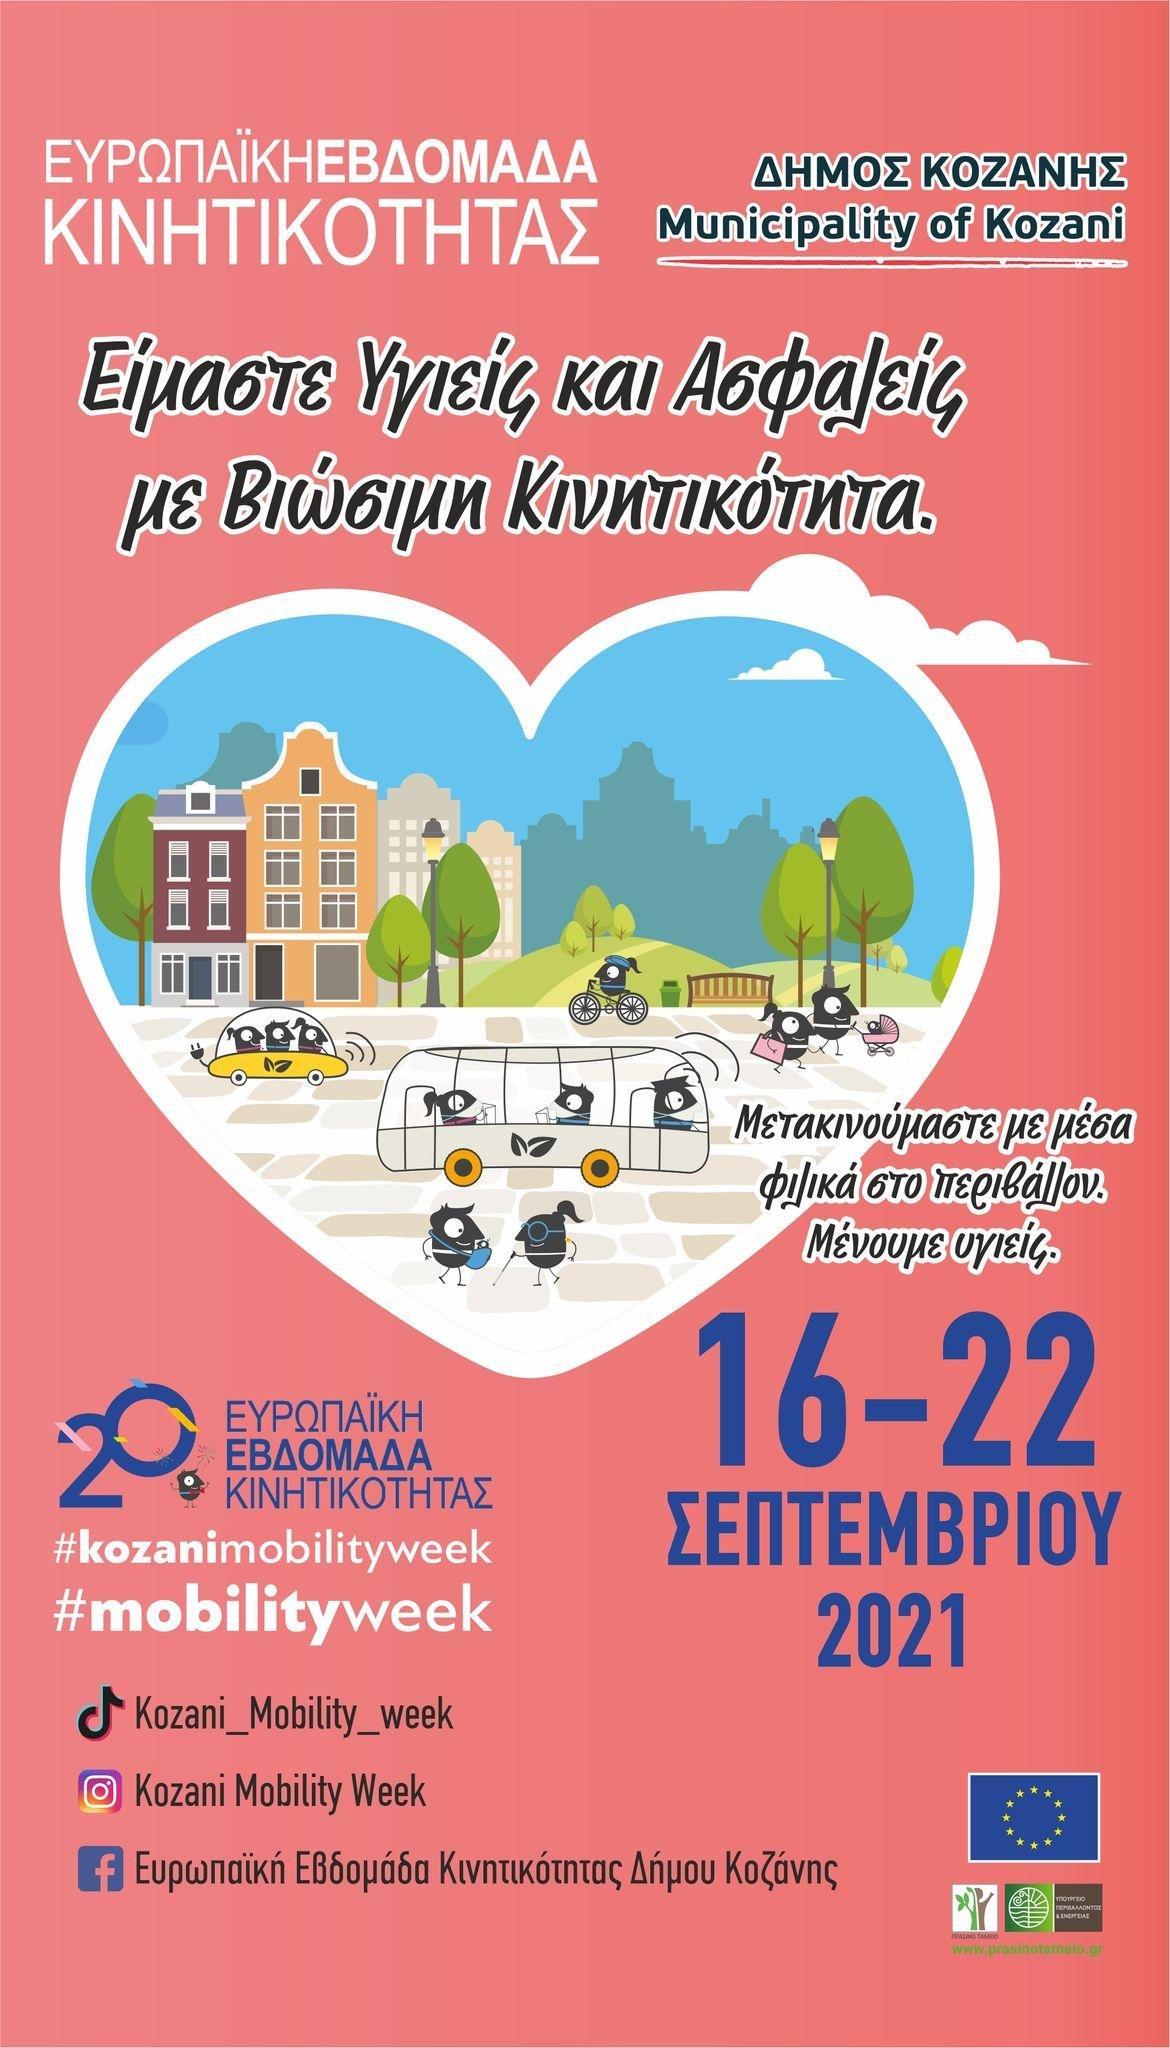 Αρχίζει η Ευρωπαϊκή Εβδομάδα Κινητικότητας 2021 από Πέμπτη 16 Σεπτεμβρίου. Πρόγραμμα εκδηλώσεων του Δήμου Κοζάνης